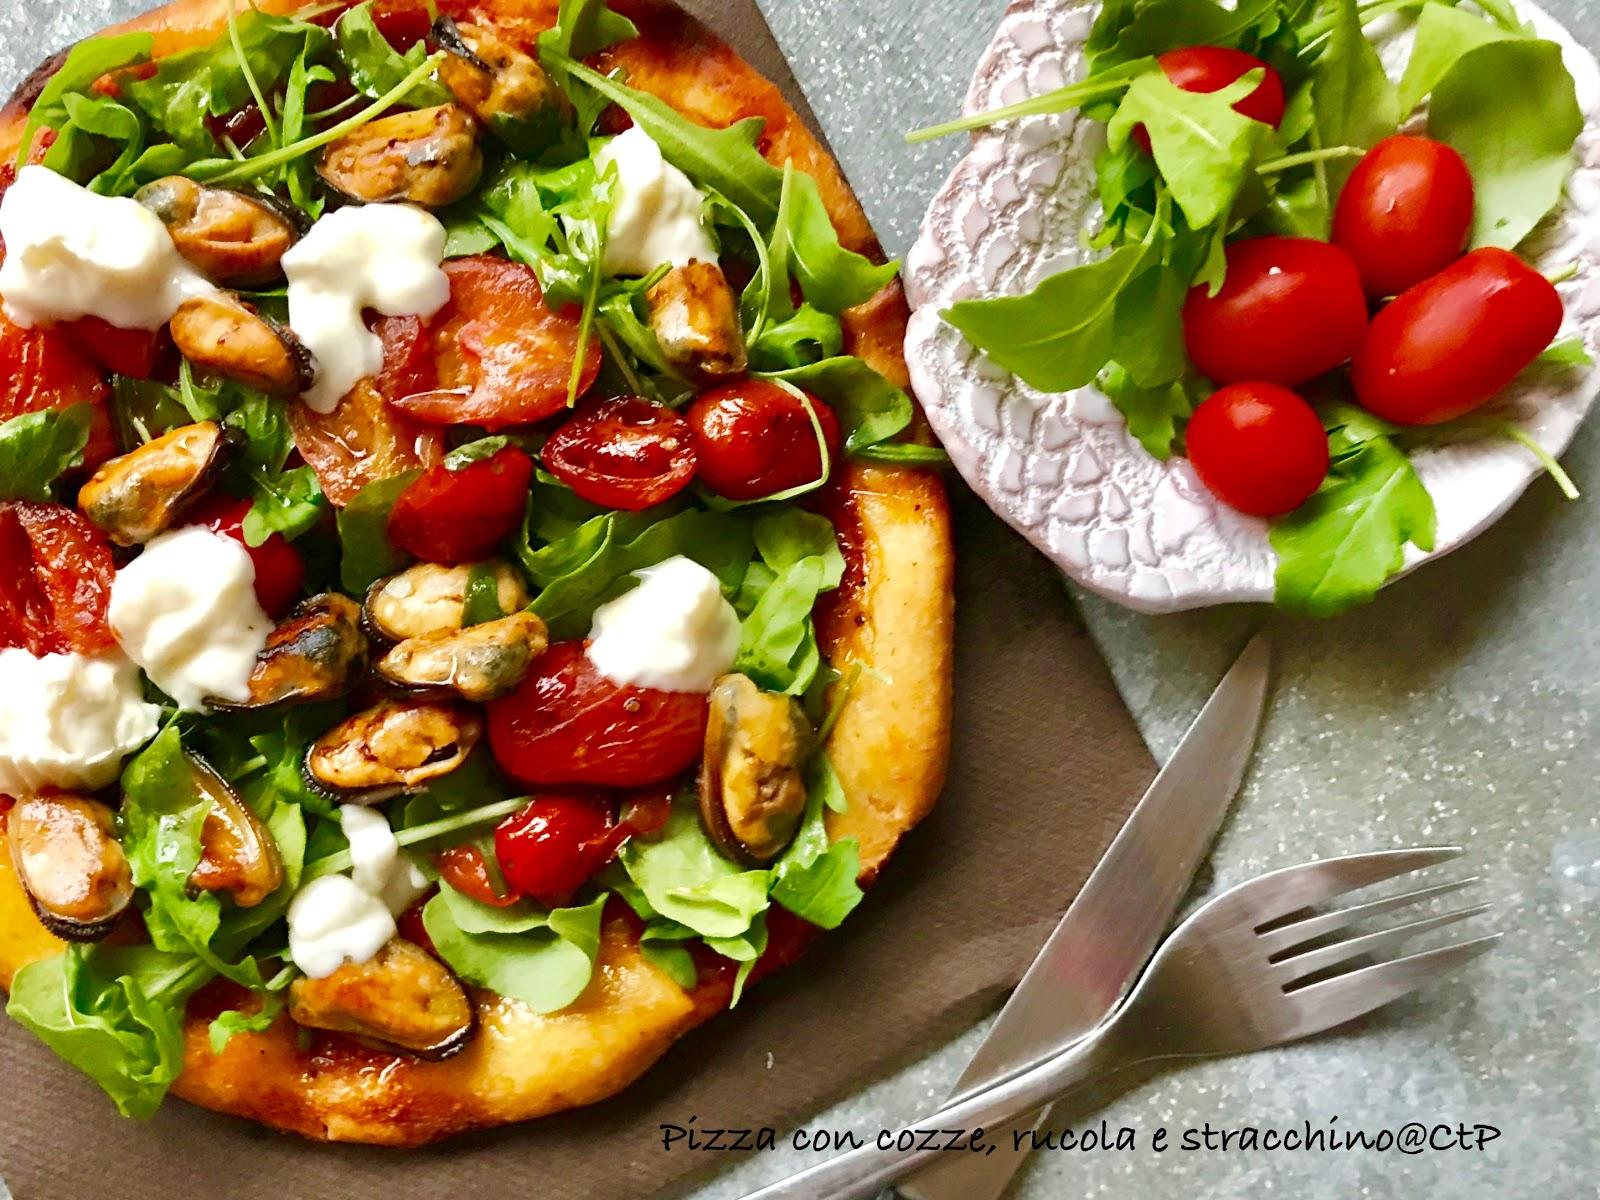 Pizza con cozze, rucola e stracchino alessandra ruggeri